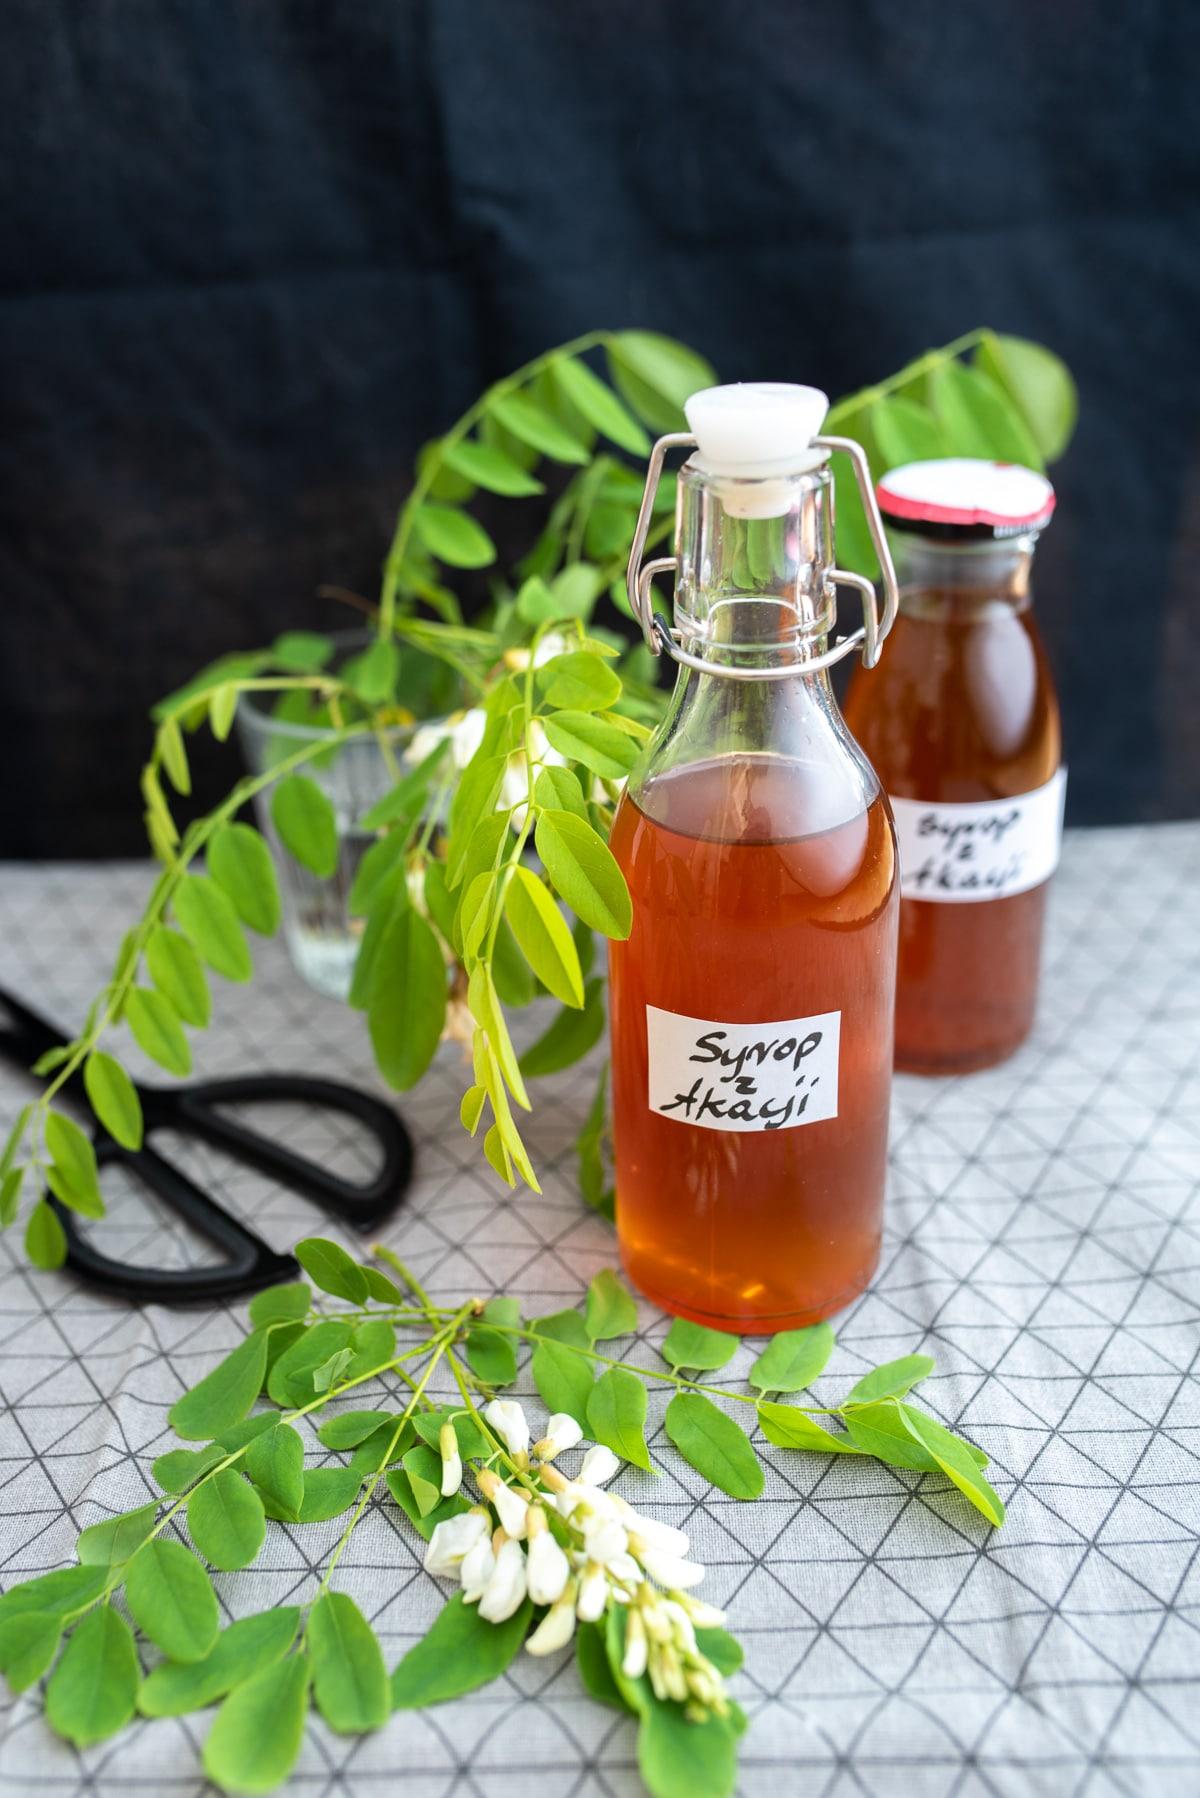 syrop z kwiatów akacji w butelkach na szarym obrusie ozdobionym kwiatami robinii